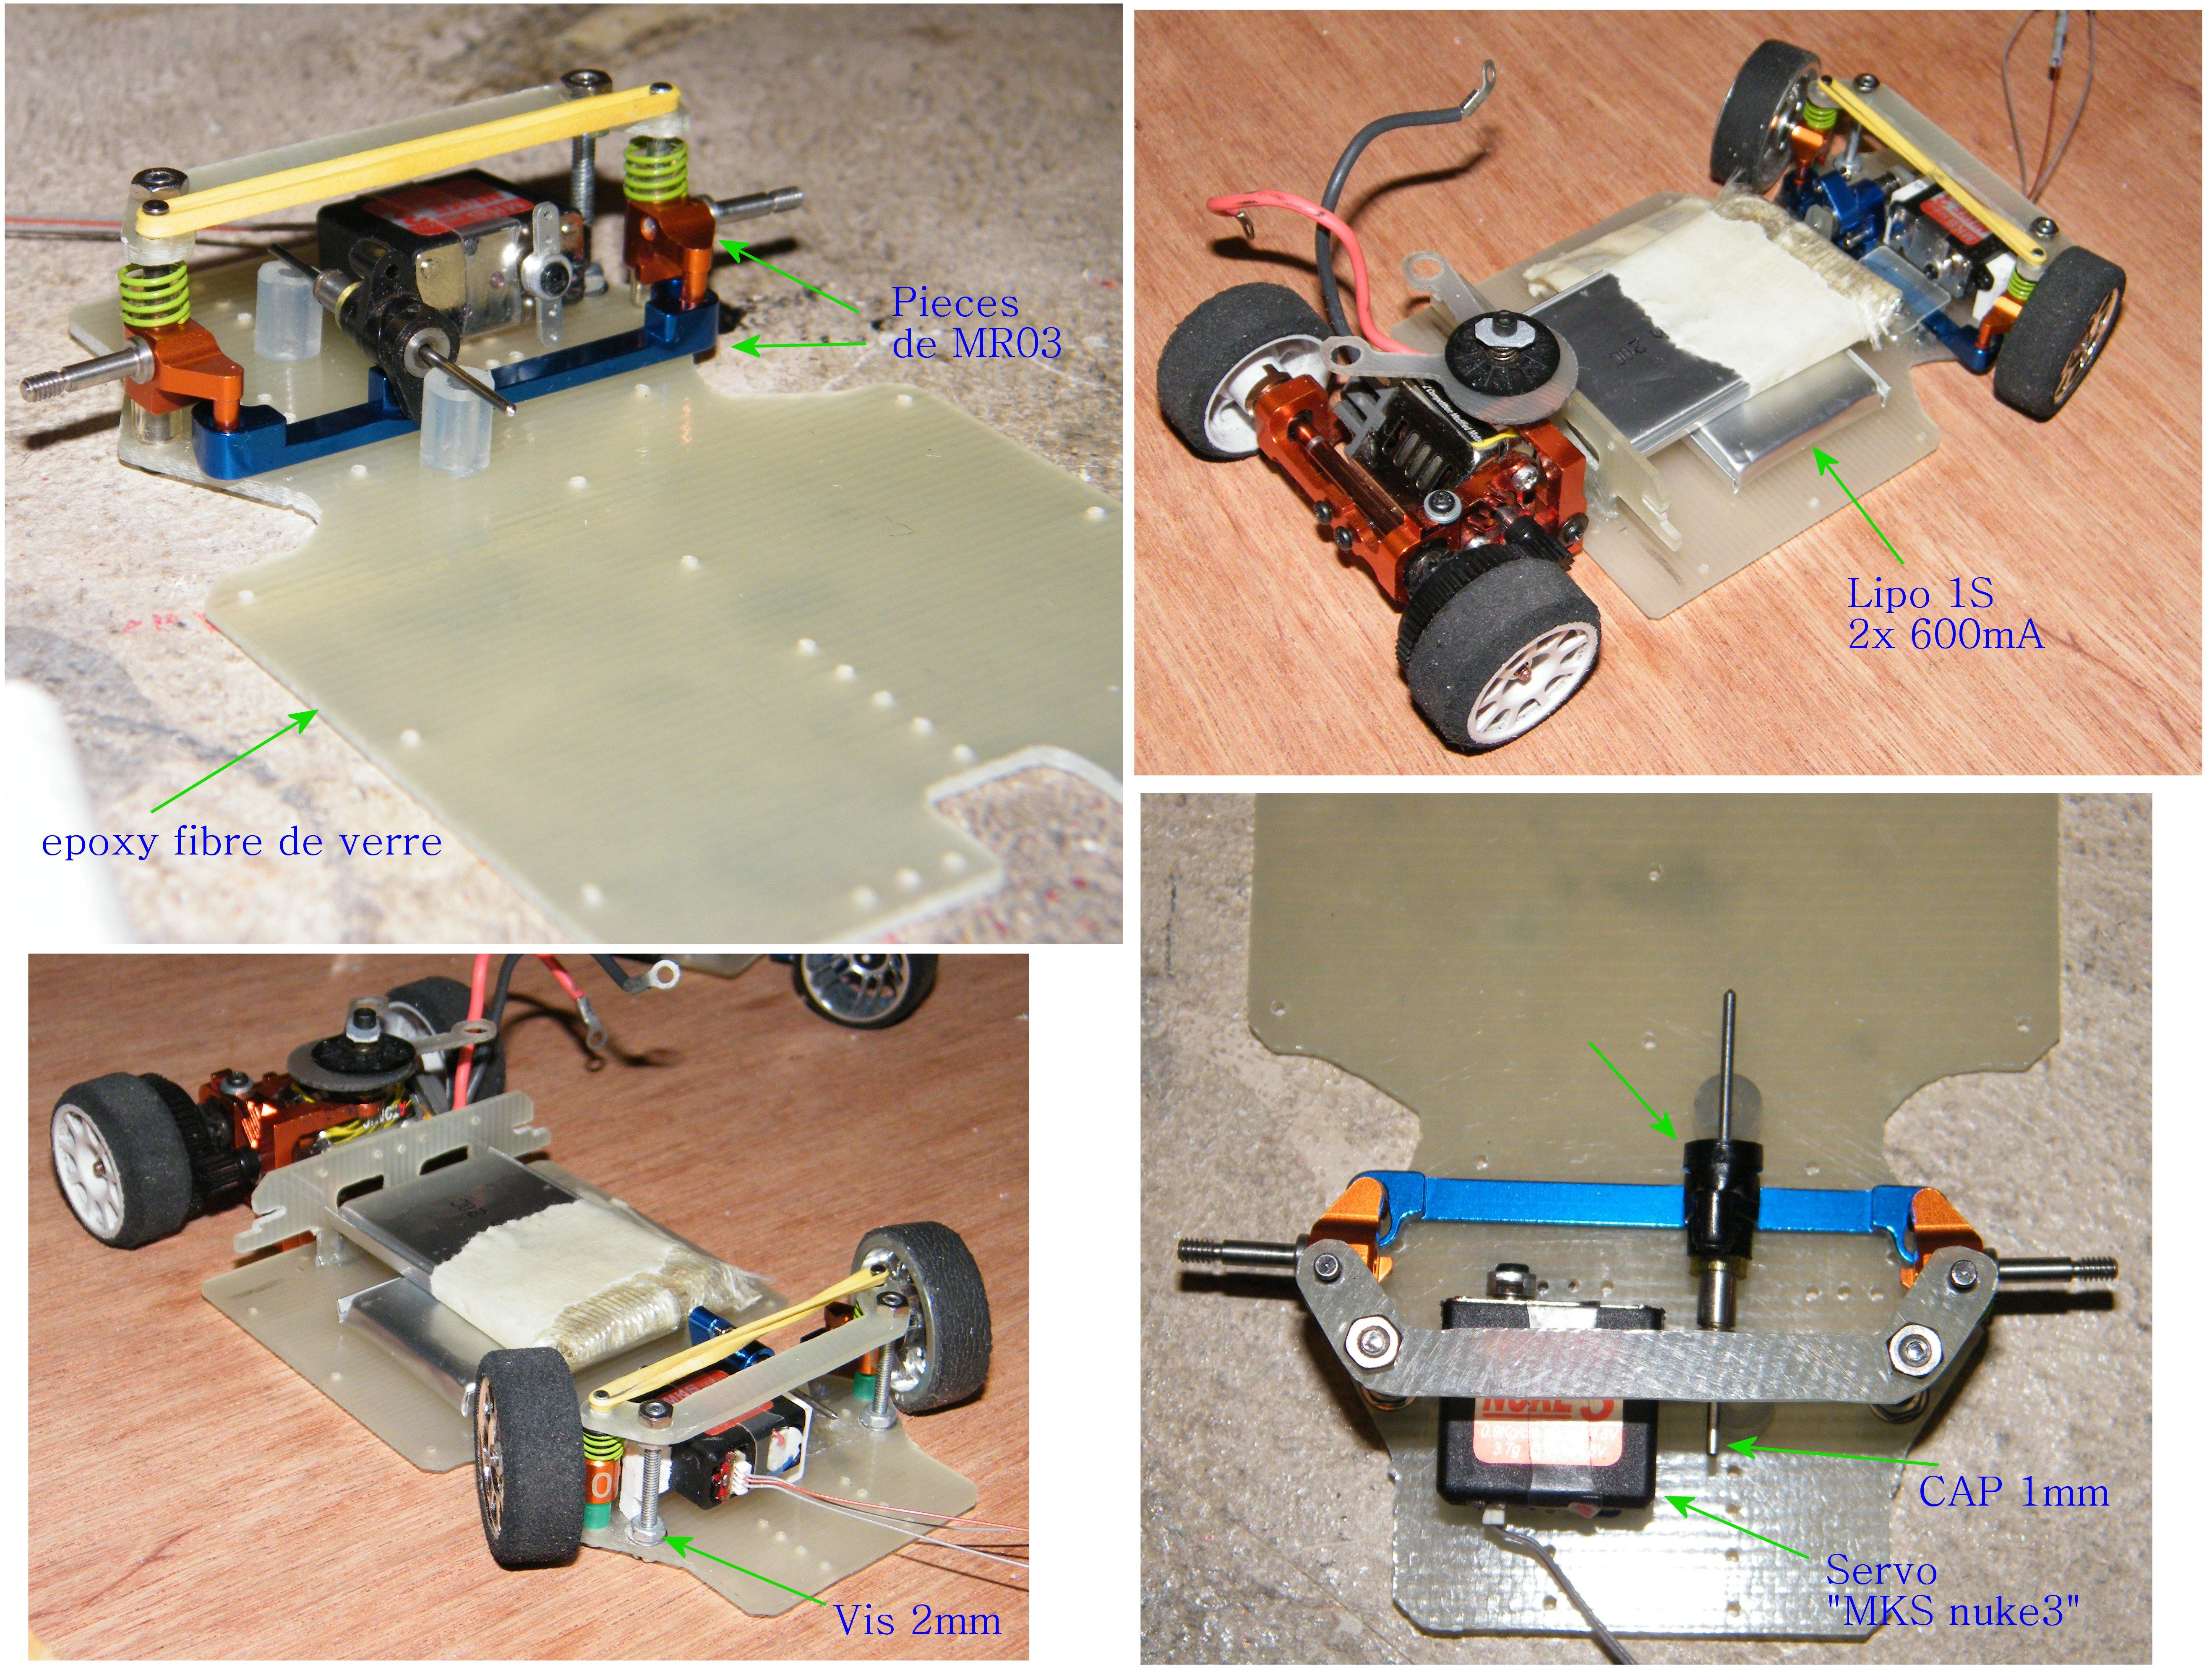 proto mr02 brushless , proto brushed , carro lola perso a leds sans fils  385949821